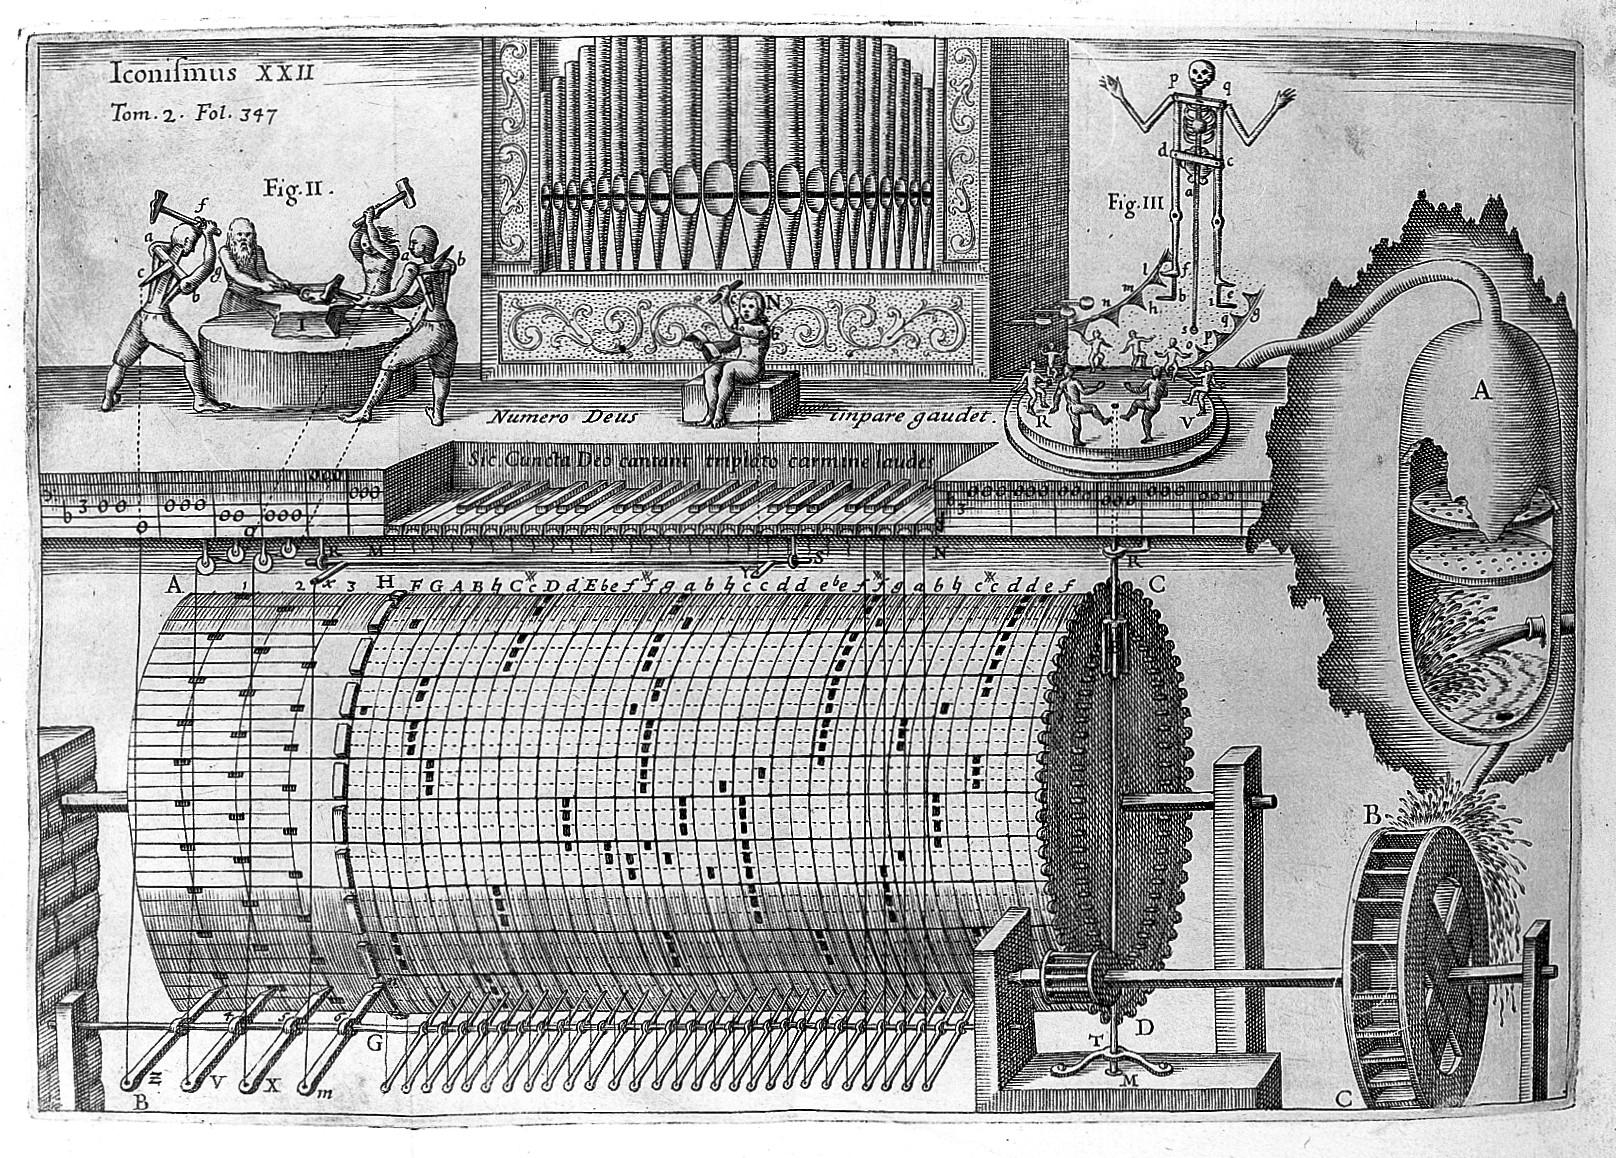 Lirekassen historisk set. Athanasius Kircher bragte i 1650, i bogen, Musurgia Universalis,tegninger og beskrivelse af et mekanisk orgel, drevet af vand.